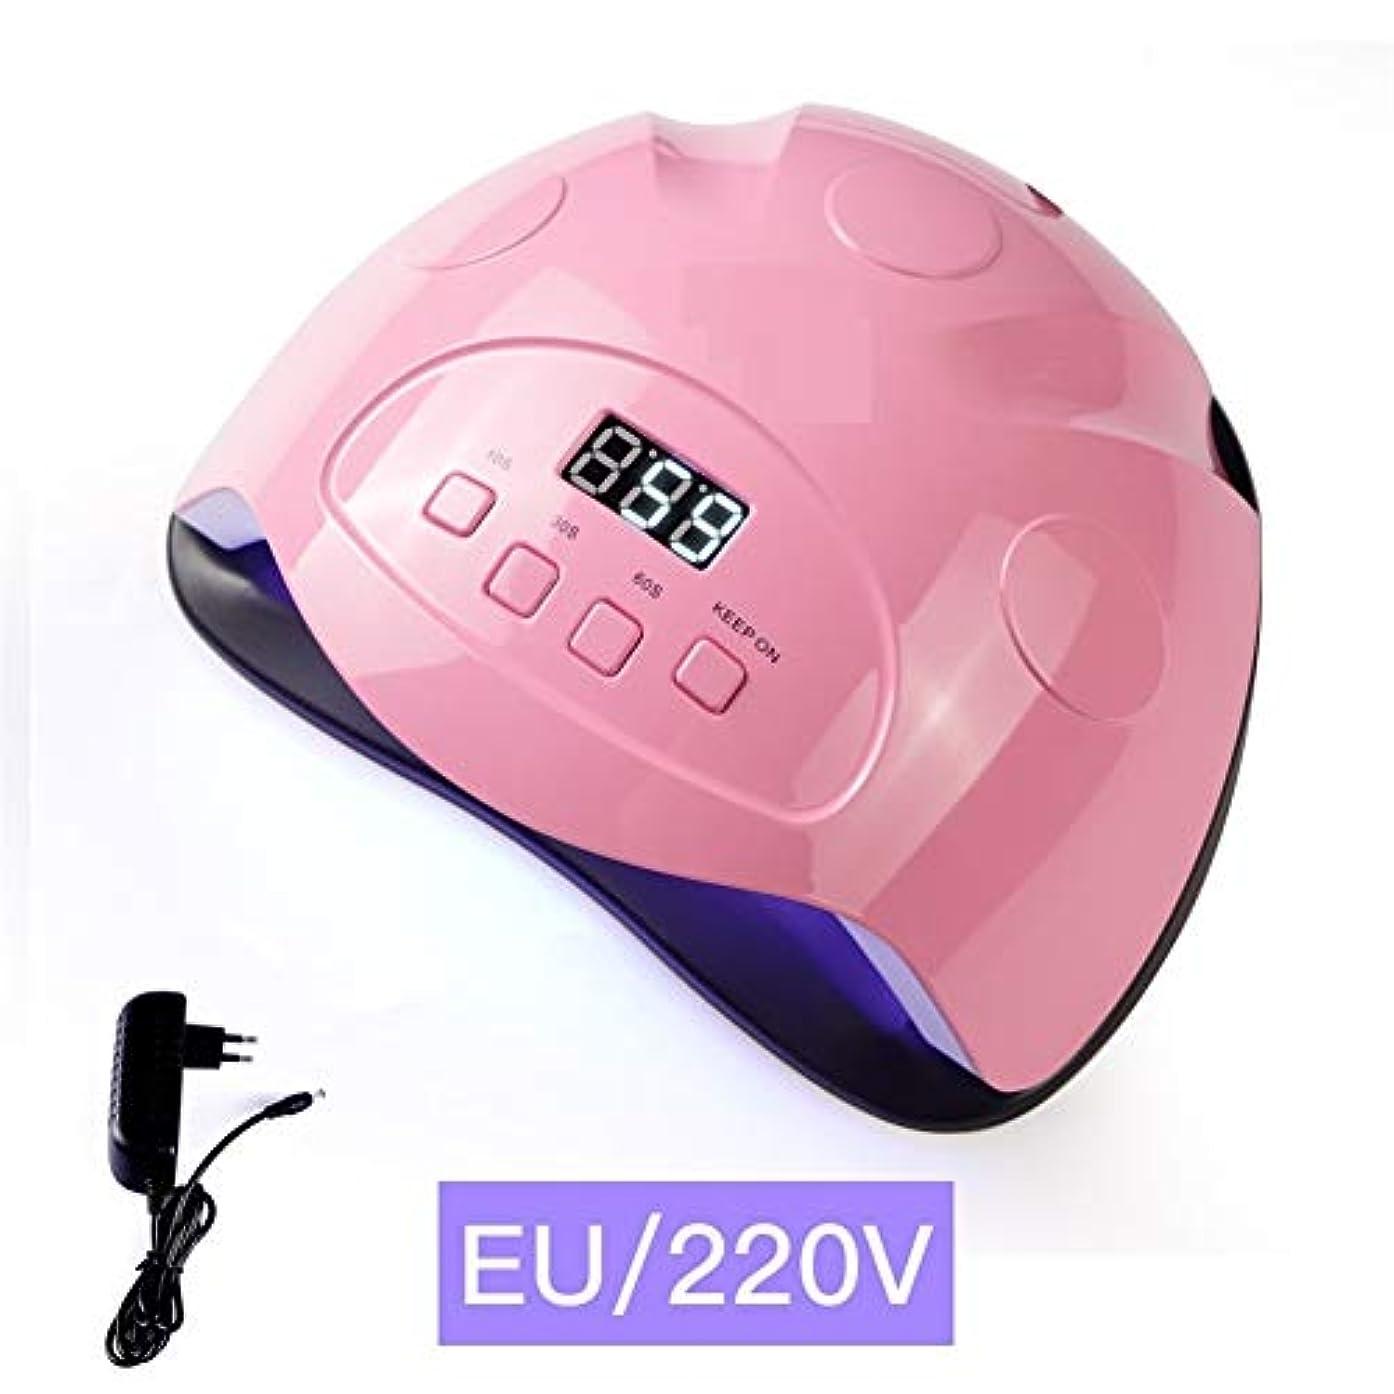 聞きます四面体何故なのLittleCat 42 90WランプビーズネイルポリッシュネイルグルーヒートランプLEDランプネイルUV誘導機 (色 : Pink euro)